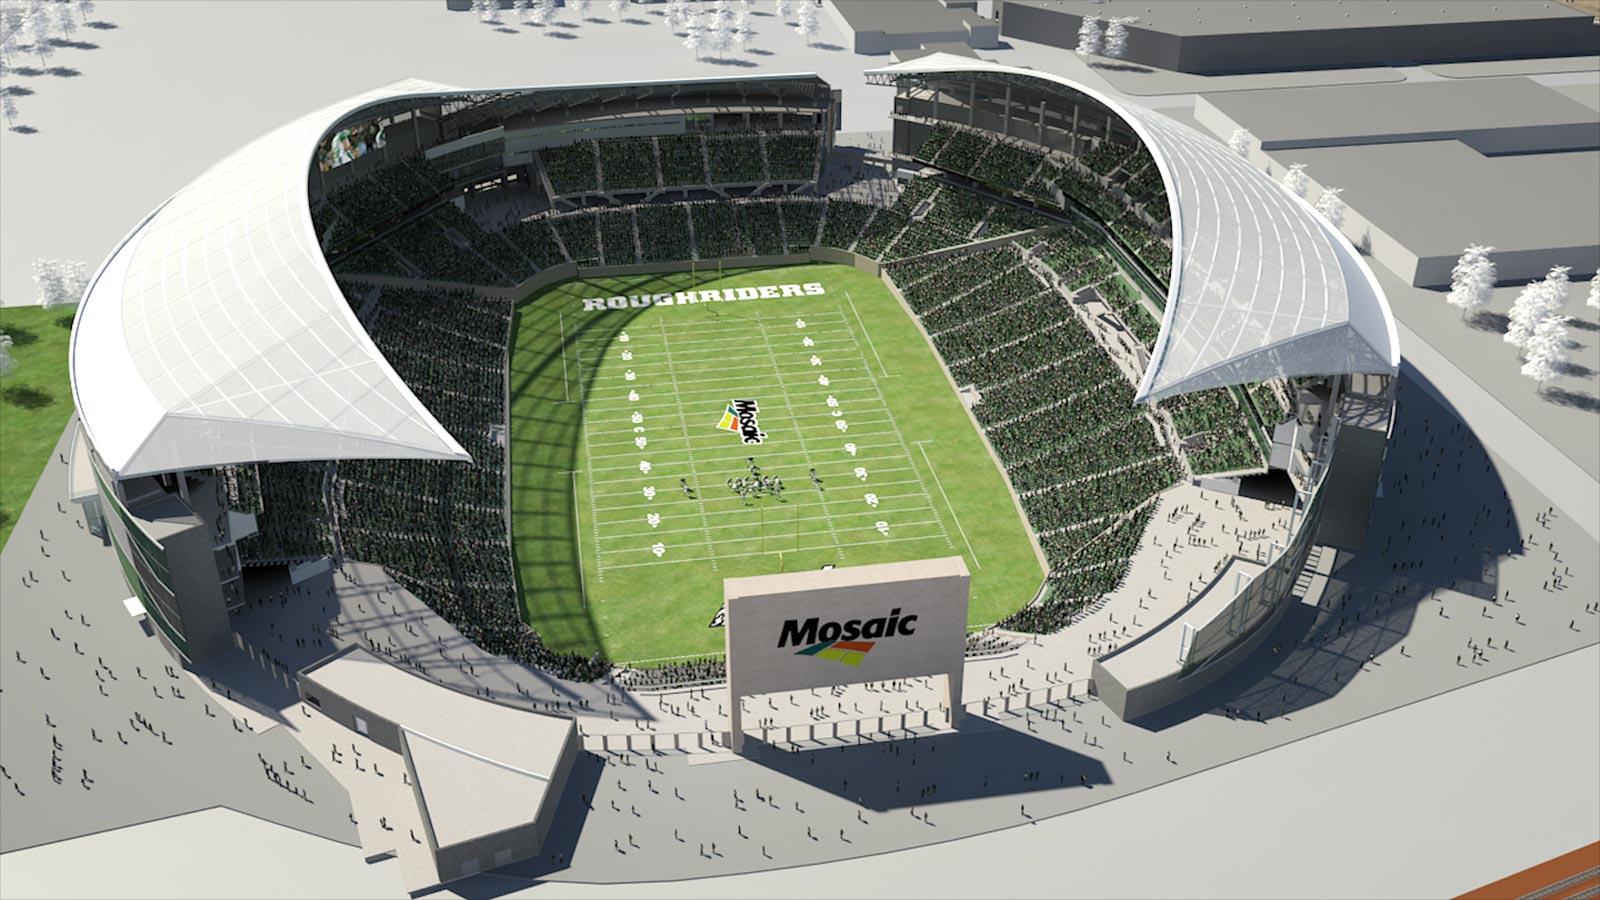 Design Mosaic Stadium Stadiumdb Com